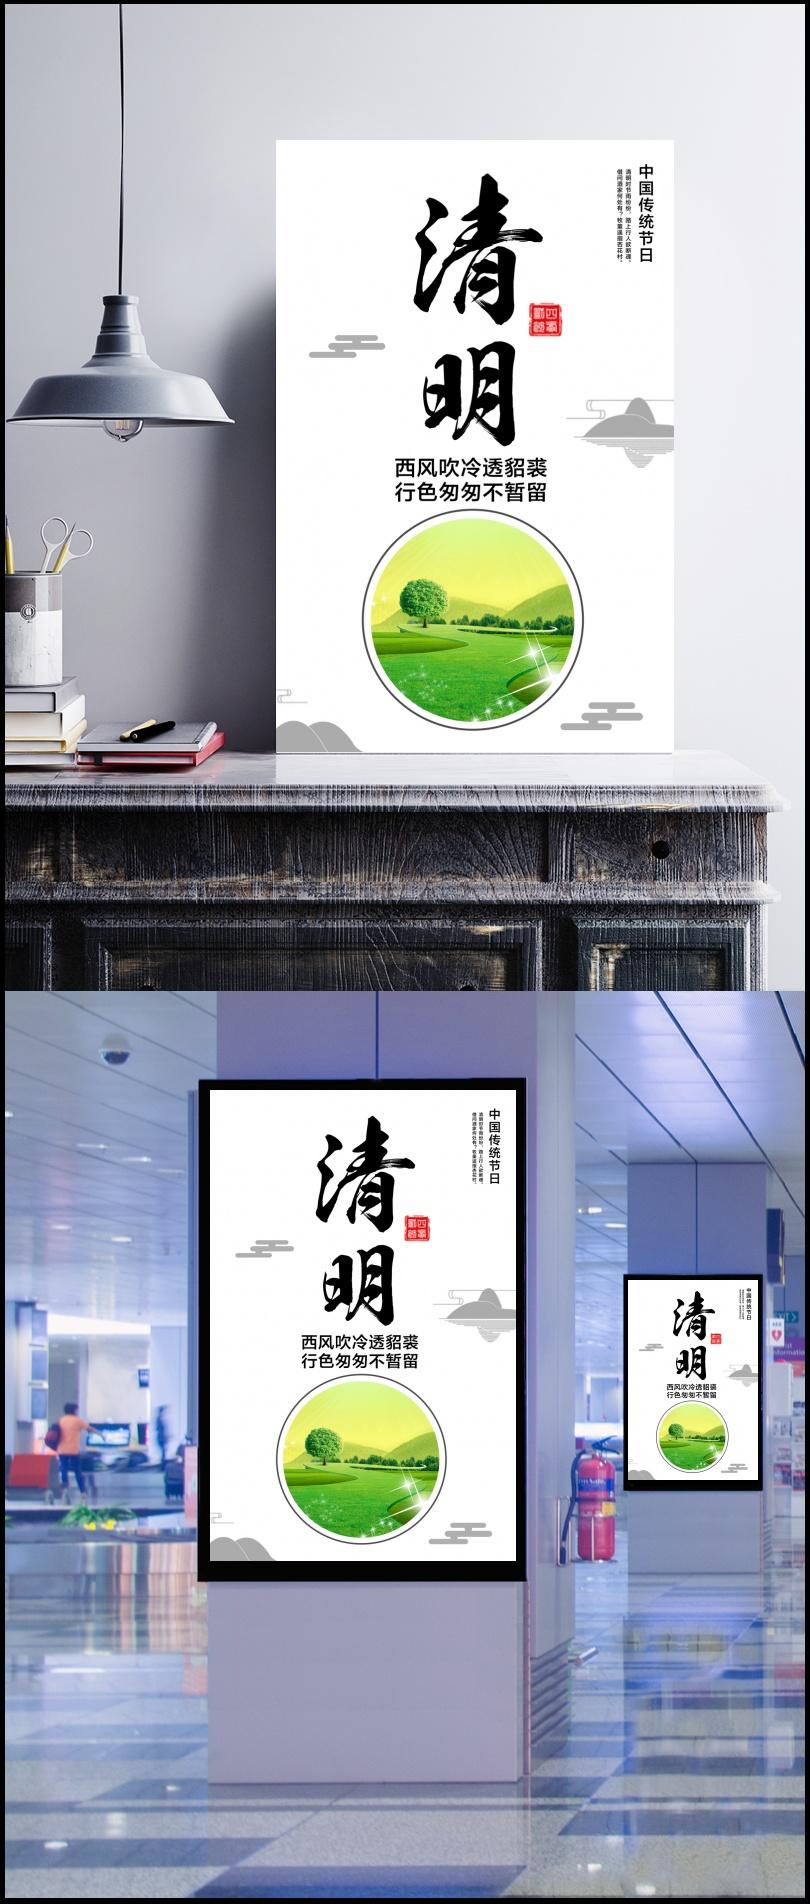 中国传统节日清明节海报设计psd素材